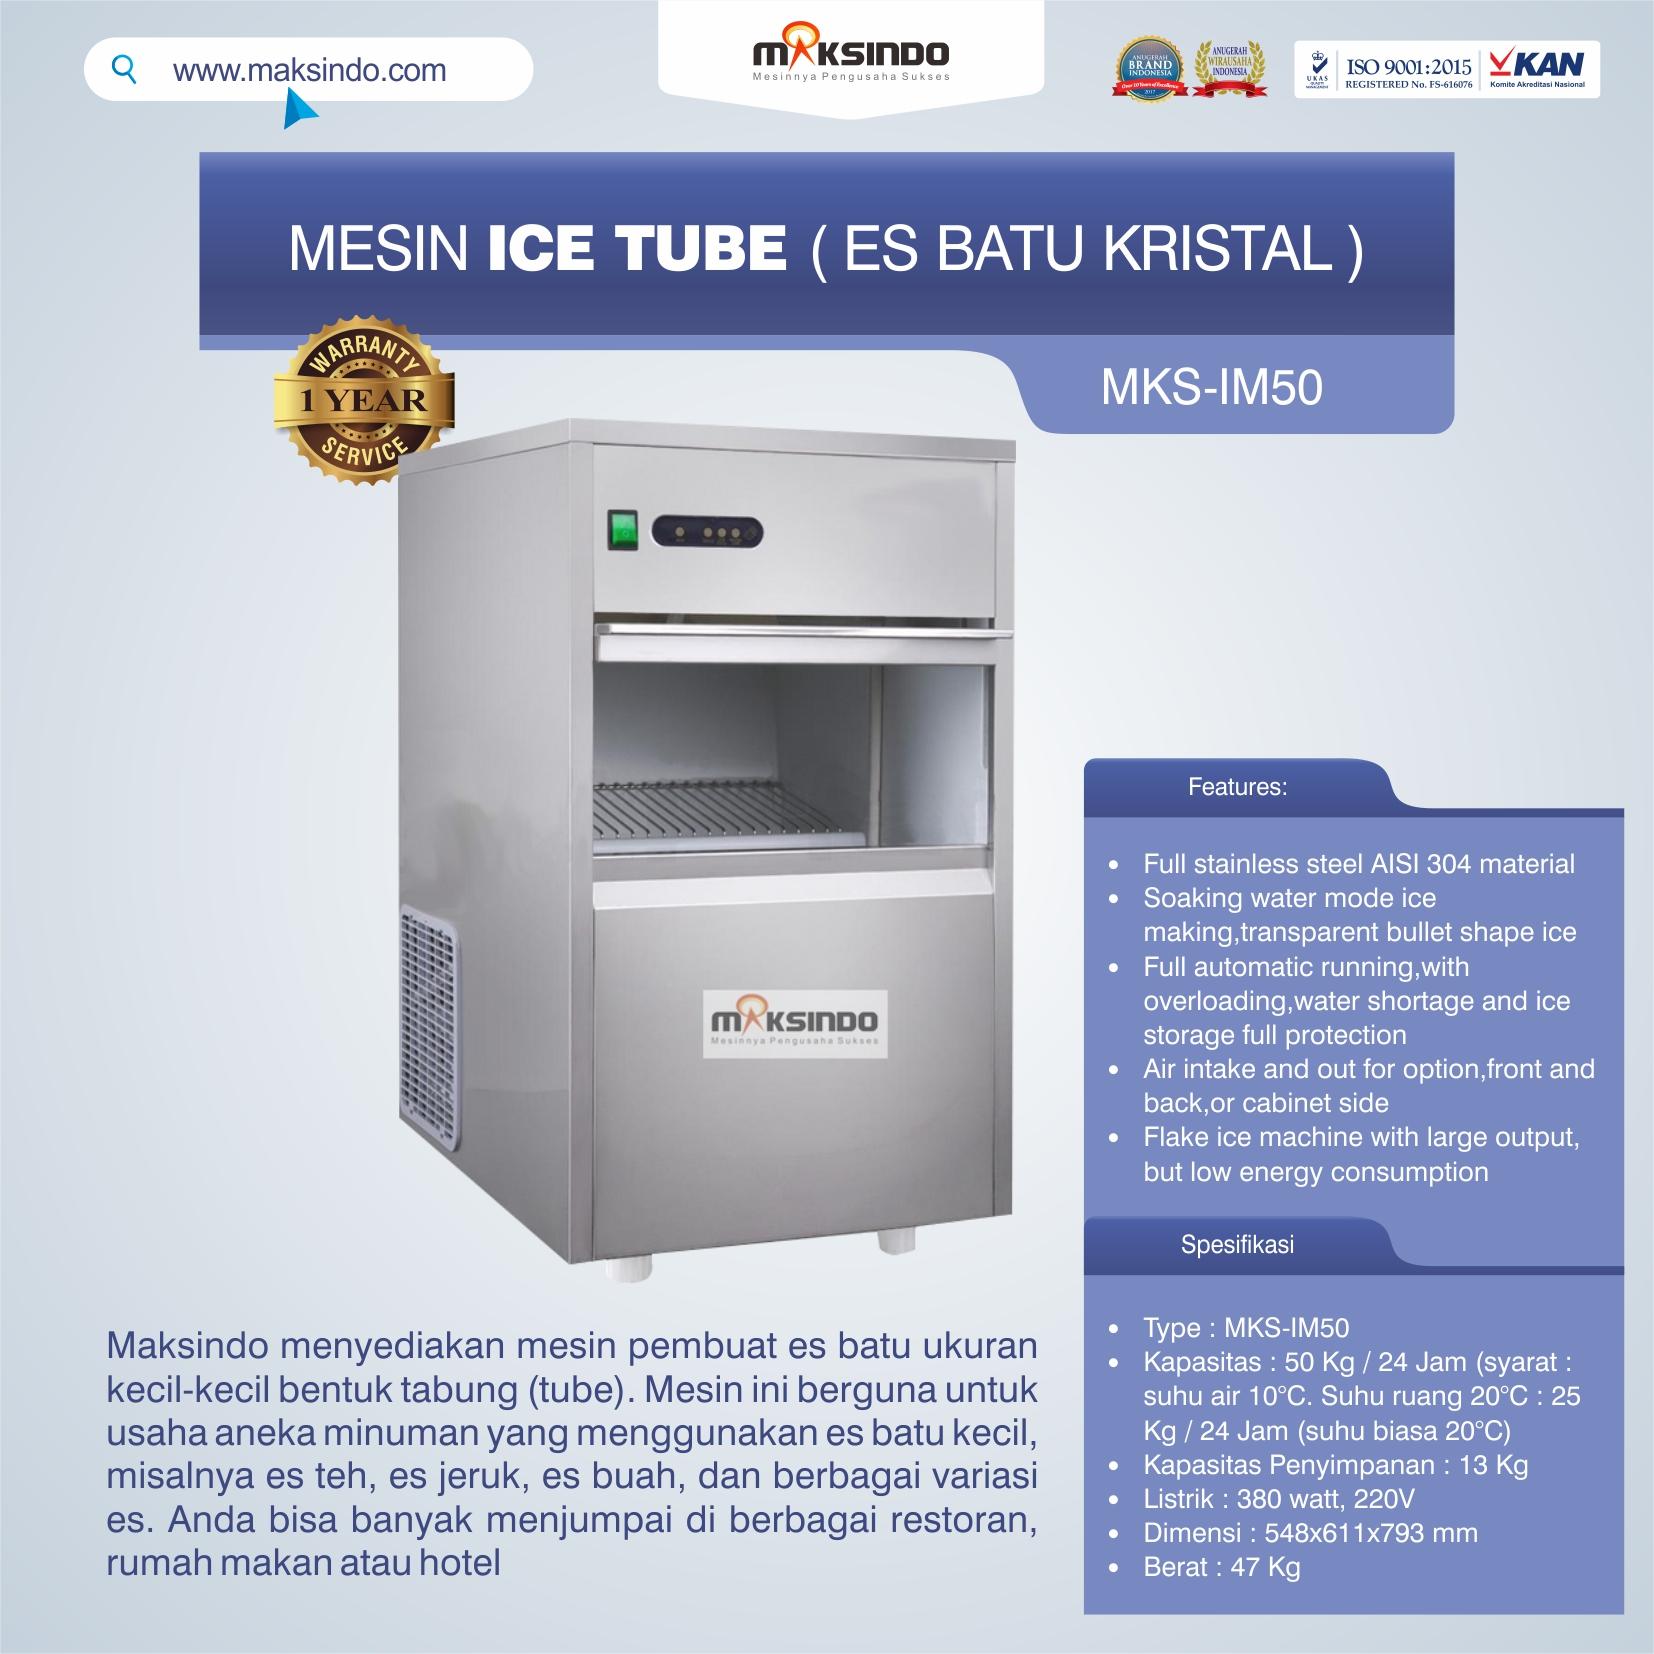 MKS-IM50 Mesin Ice Tube (Es Batu Kristal)